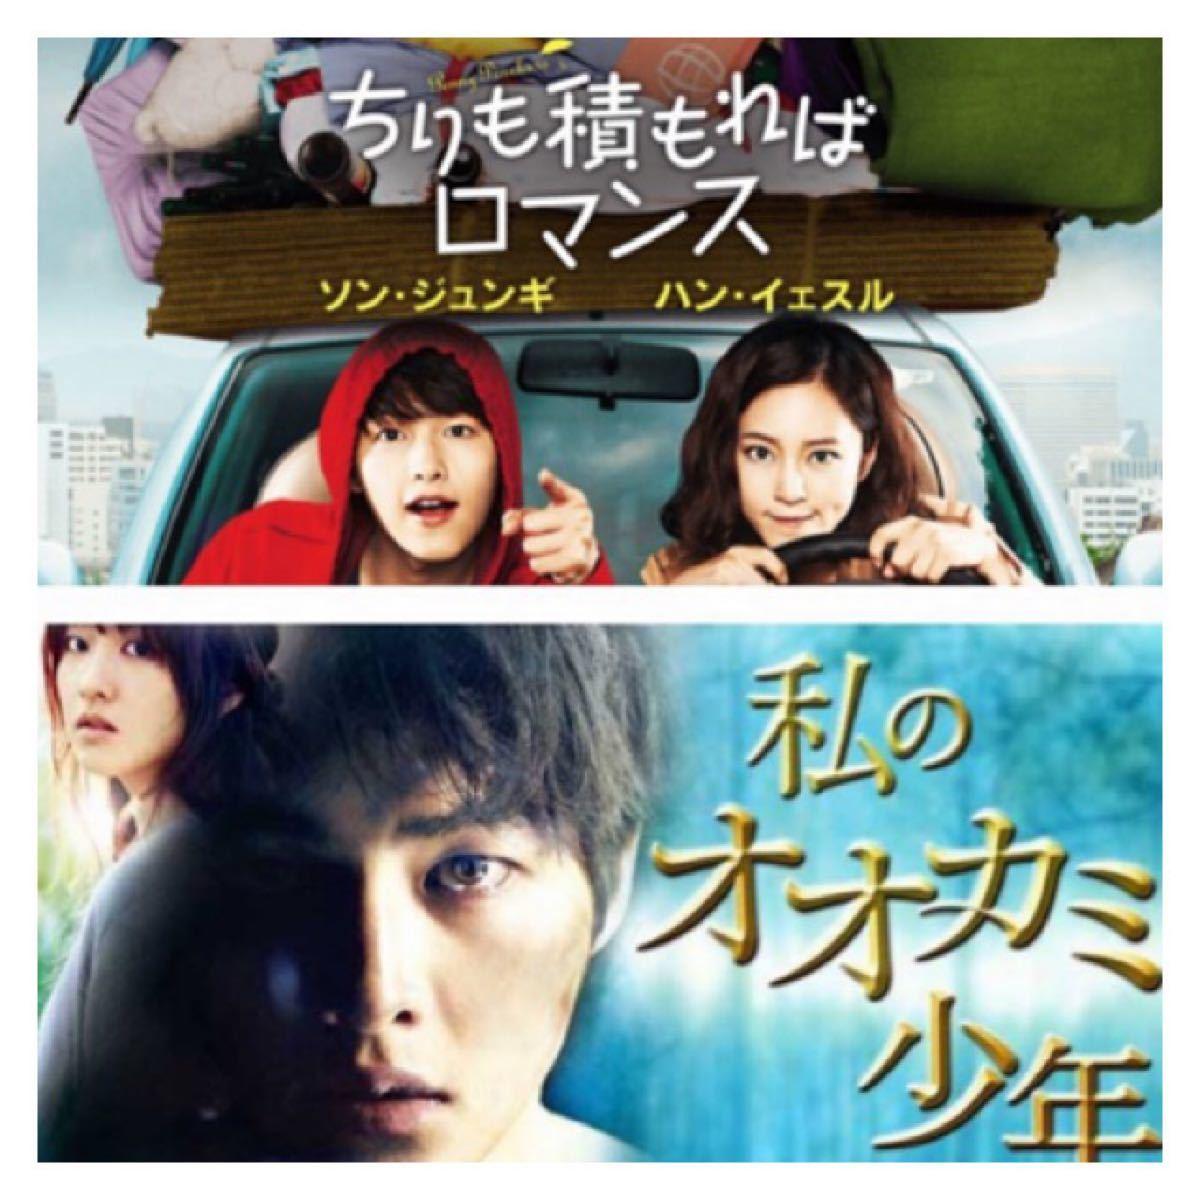 韓国映画DVD2枚セット【ソン・ジュンギ出演作品】